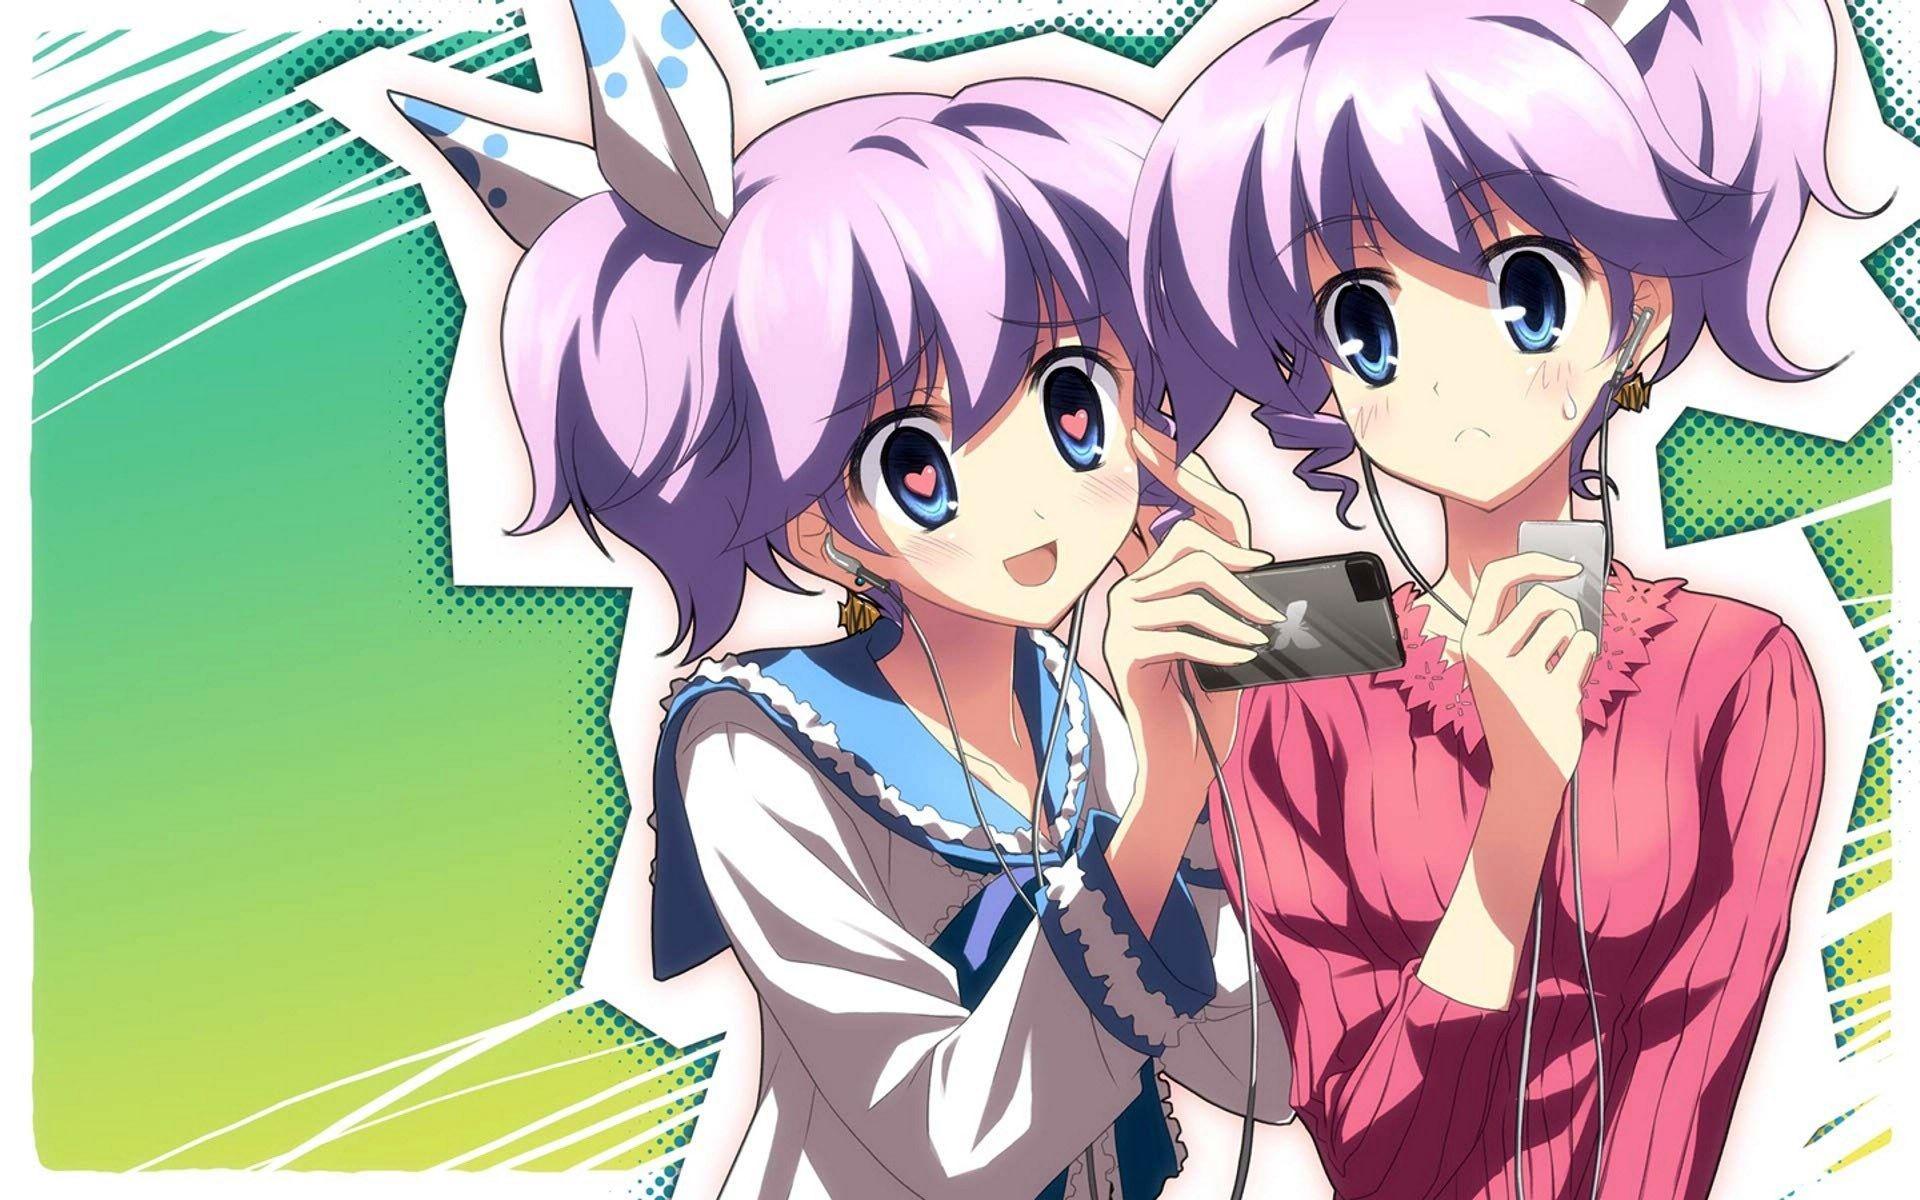 Anime girl wallpaper pack 1080p hd